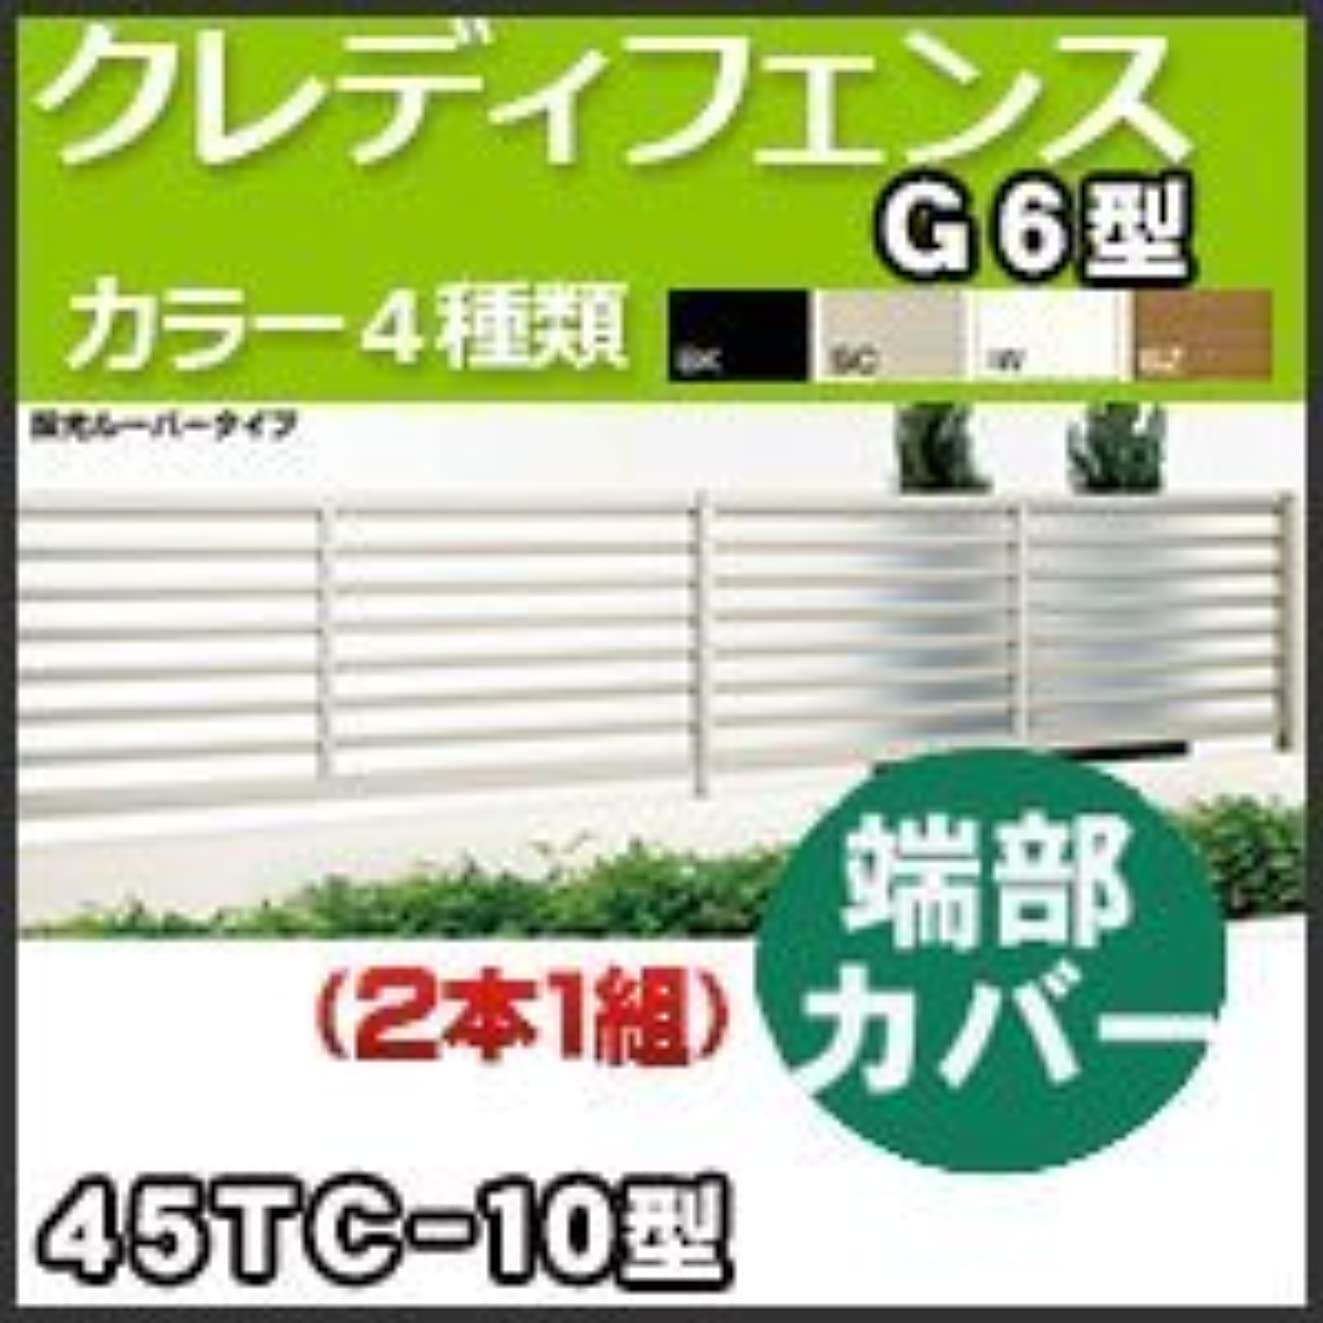 インターネット孤独危険四国化成 クレディフェンスG6型用端部カバー(2本1組)45TC-10 H1,000mm ブロンズ